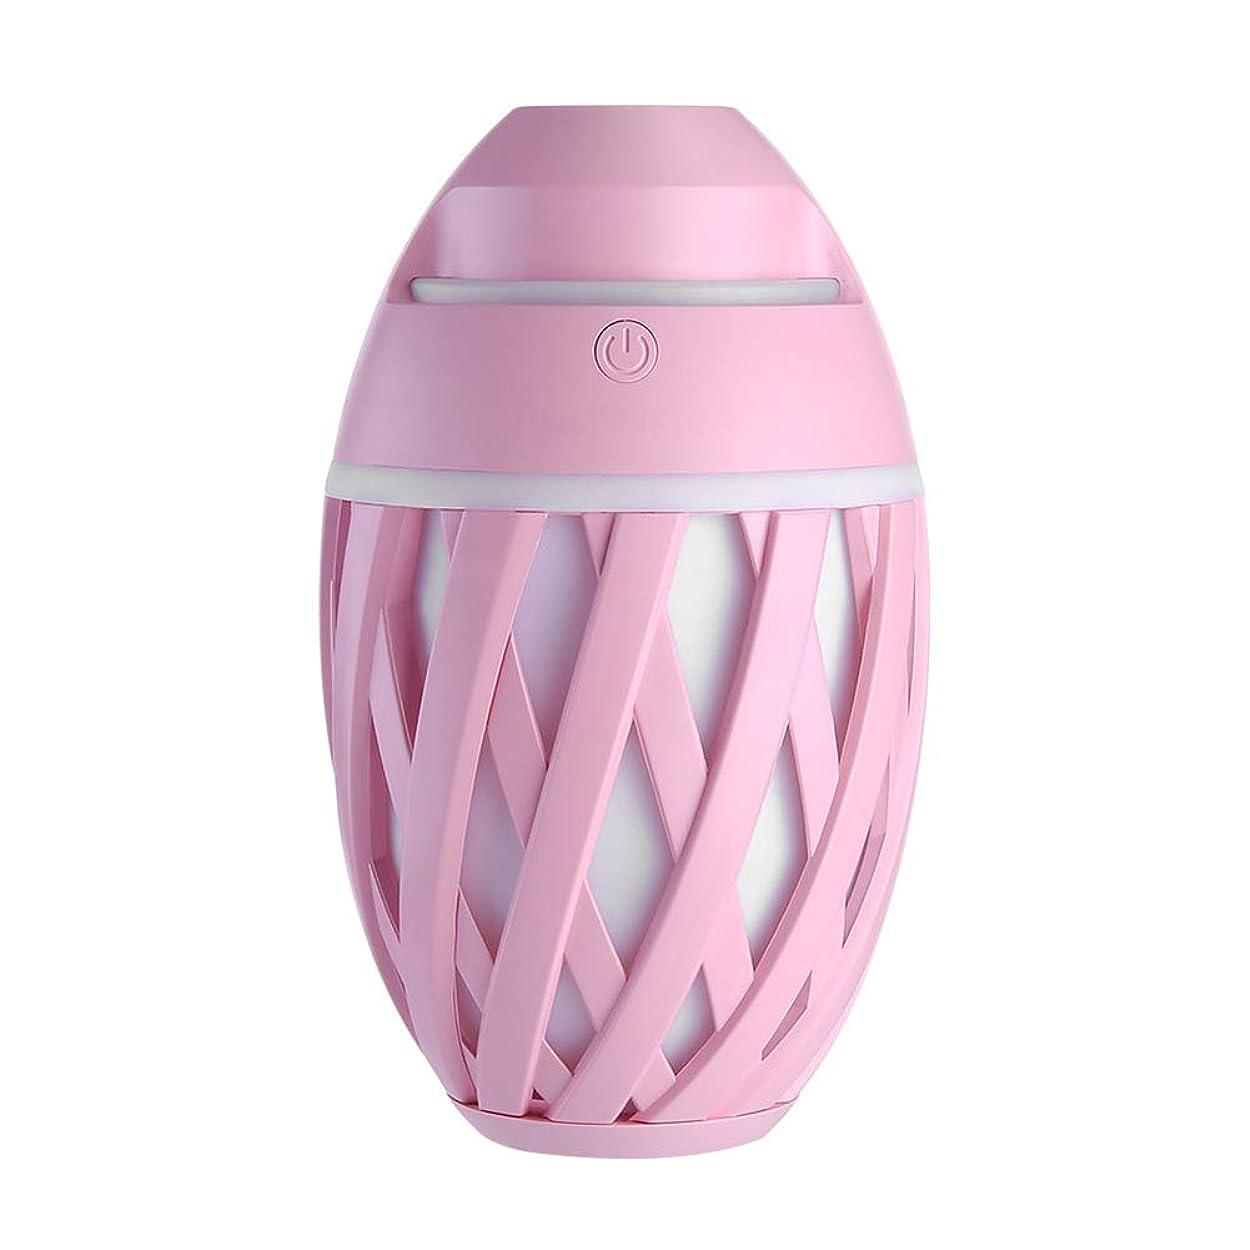 小石母性華氏加湿器ミニUsbホーム静かなエアコンルームオフィス妊娠中の女性の赤ちゃん空気保湿清浄器,Pink